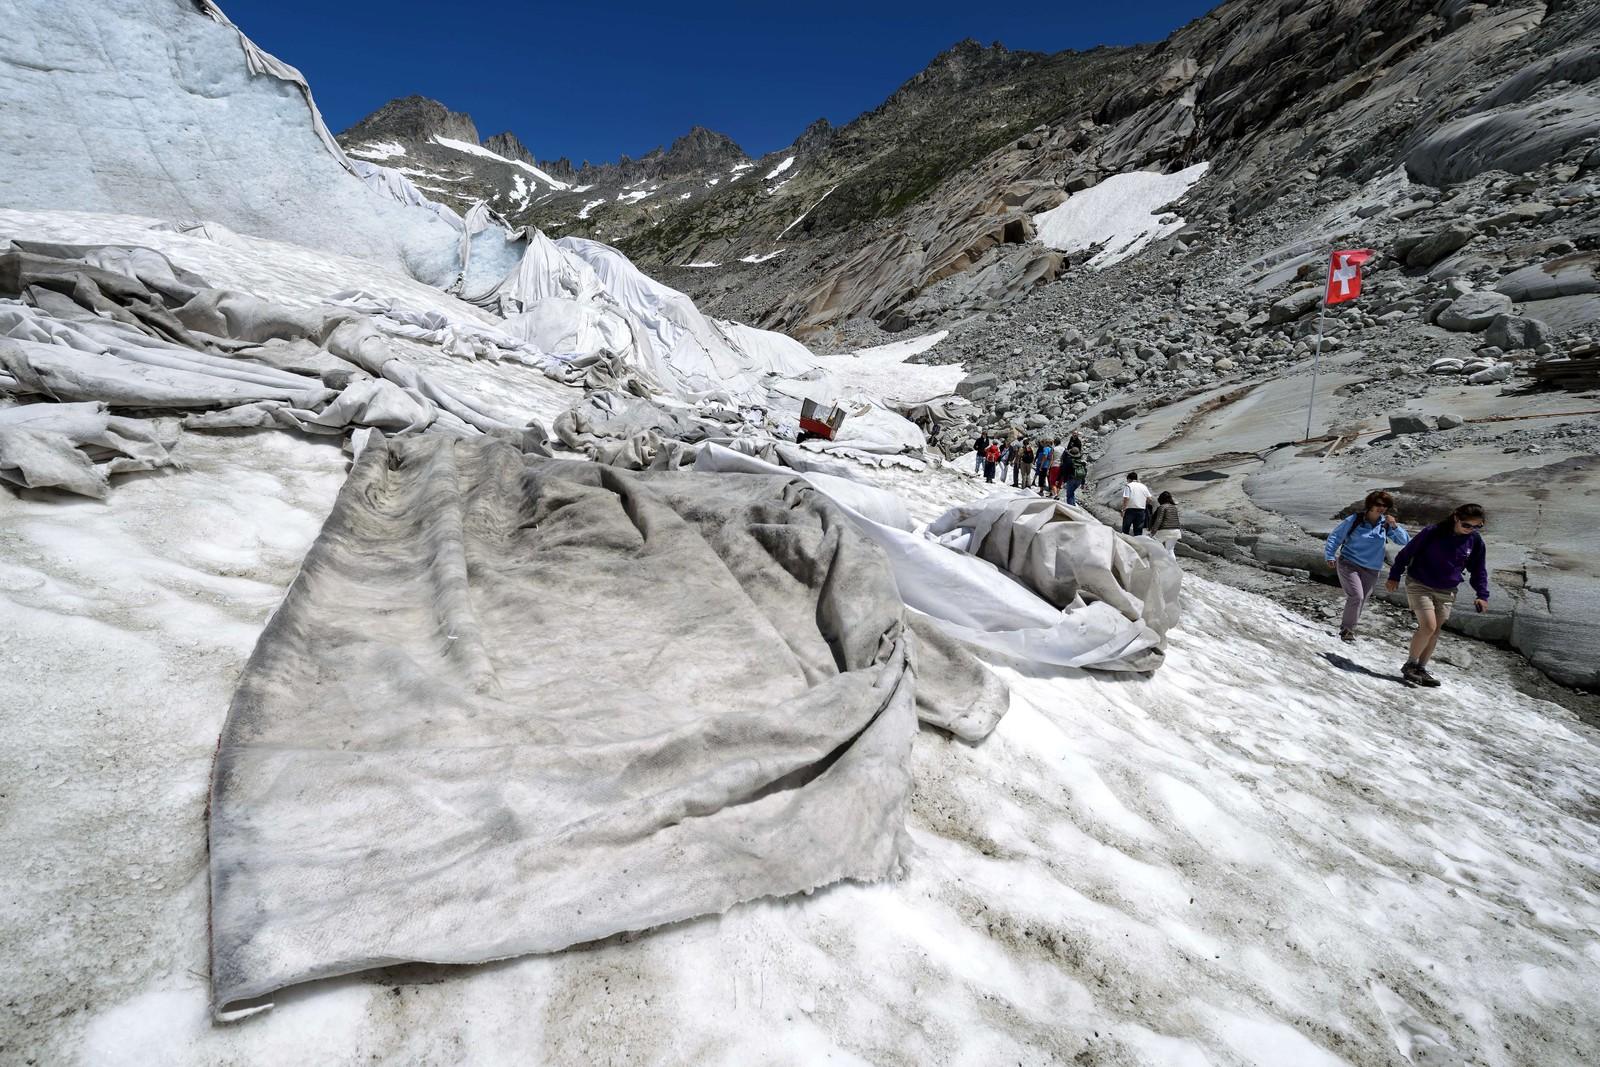 På Rhonebreen i Sveits er det lagt på dukar som skal beskytte mot varmen og verne isen. Breen har krympa mykje i sommar, og det er venta at den vil krympe ytterlegare.